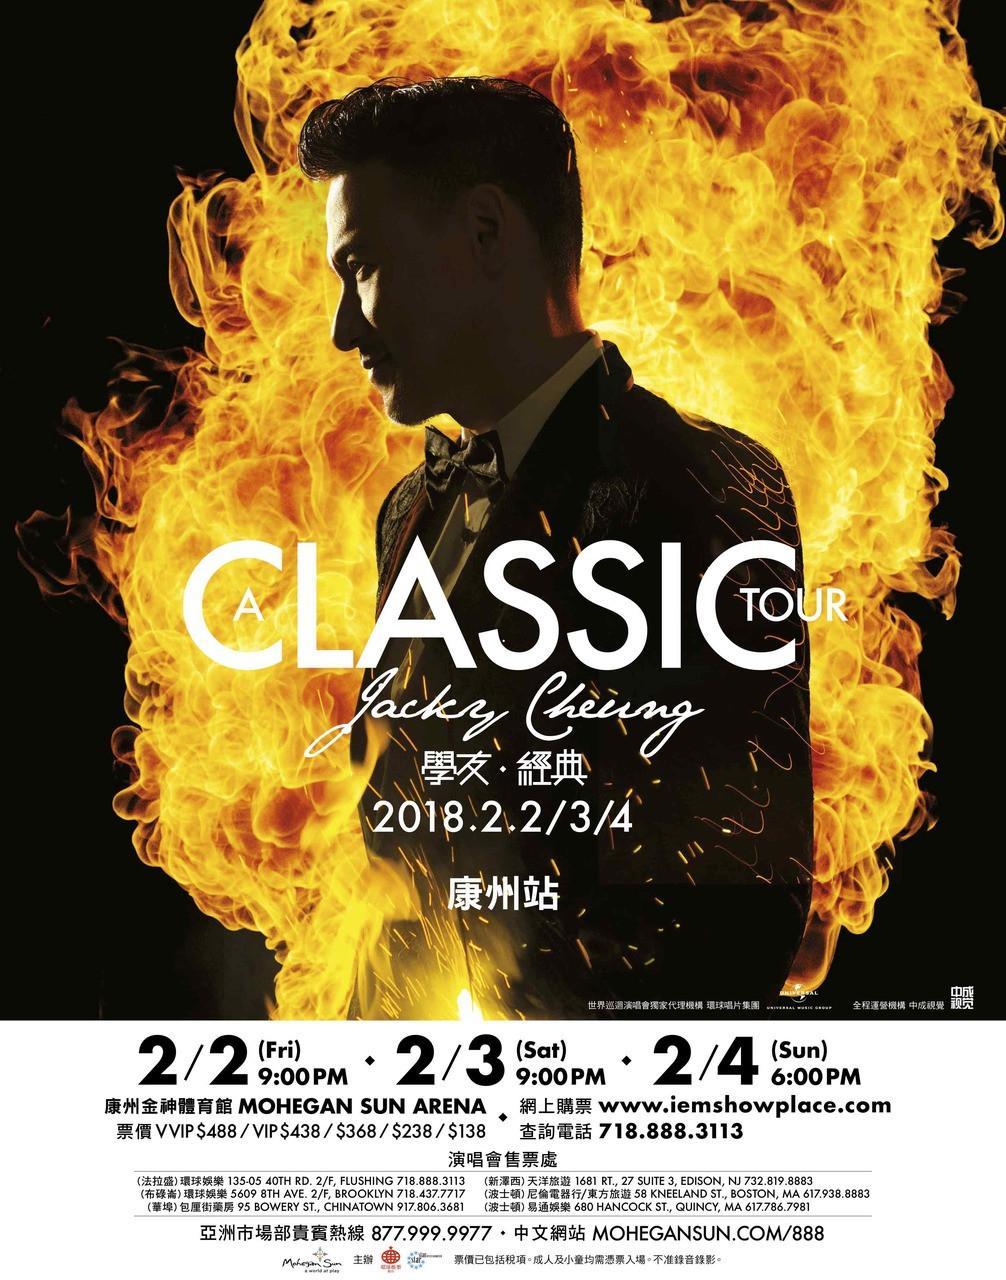 Jacky Cheung Classic Tour 2018 Mohegan Sun